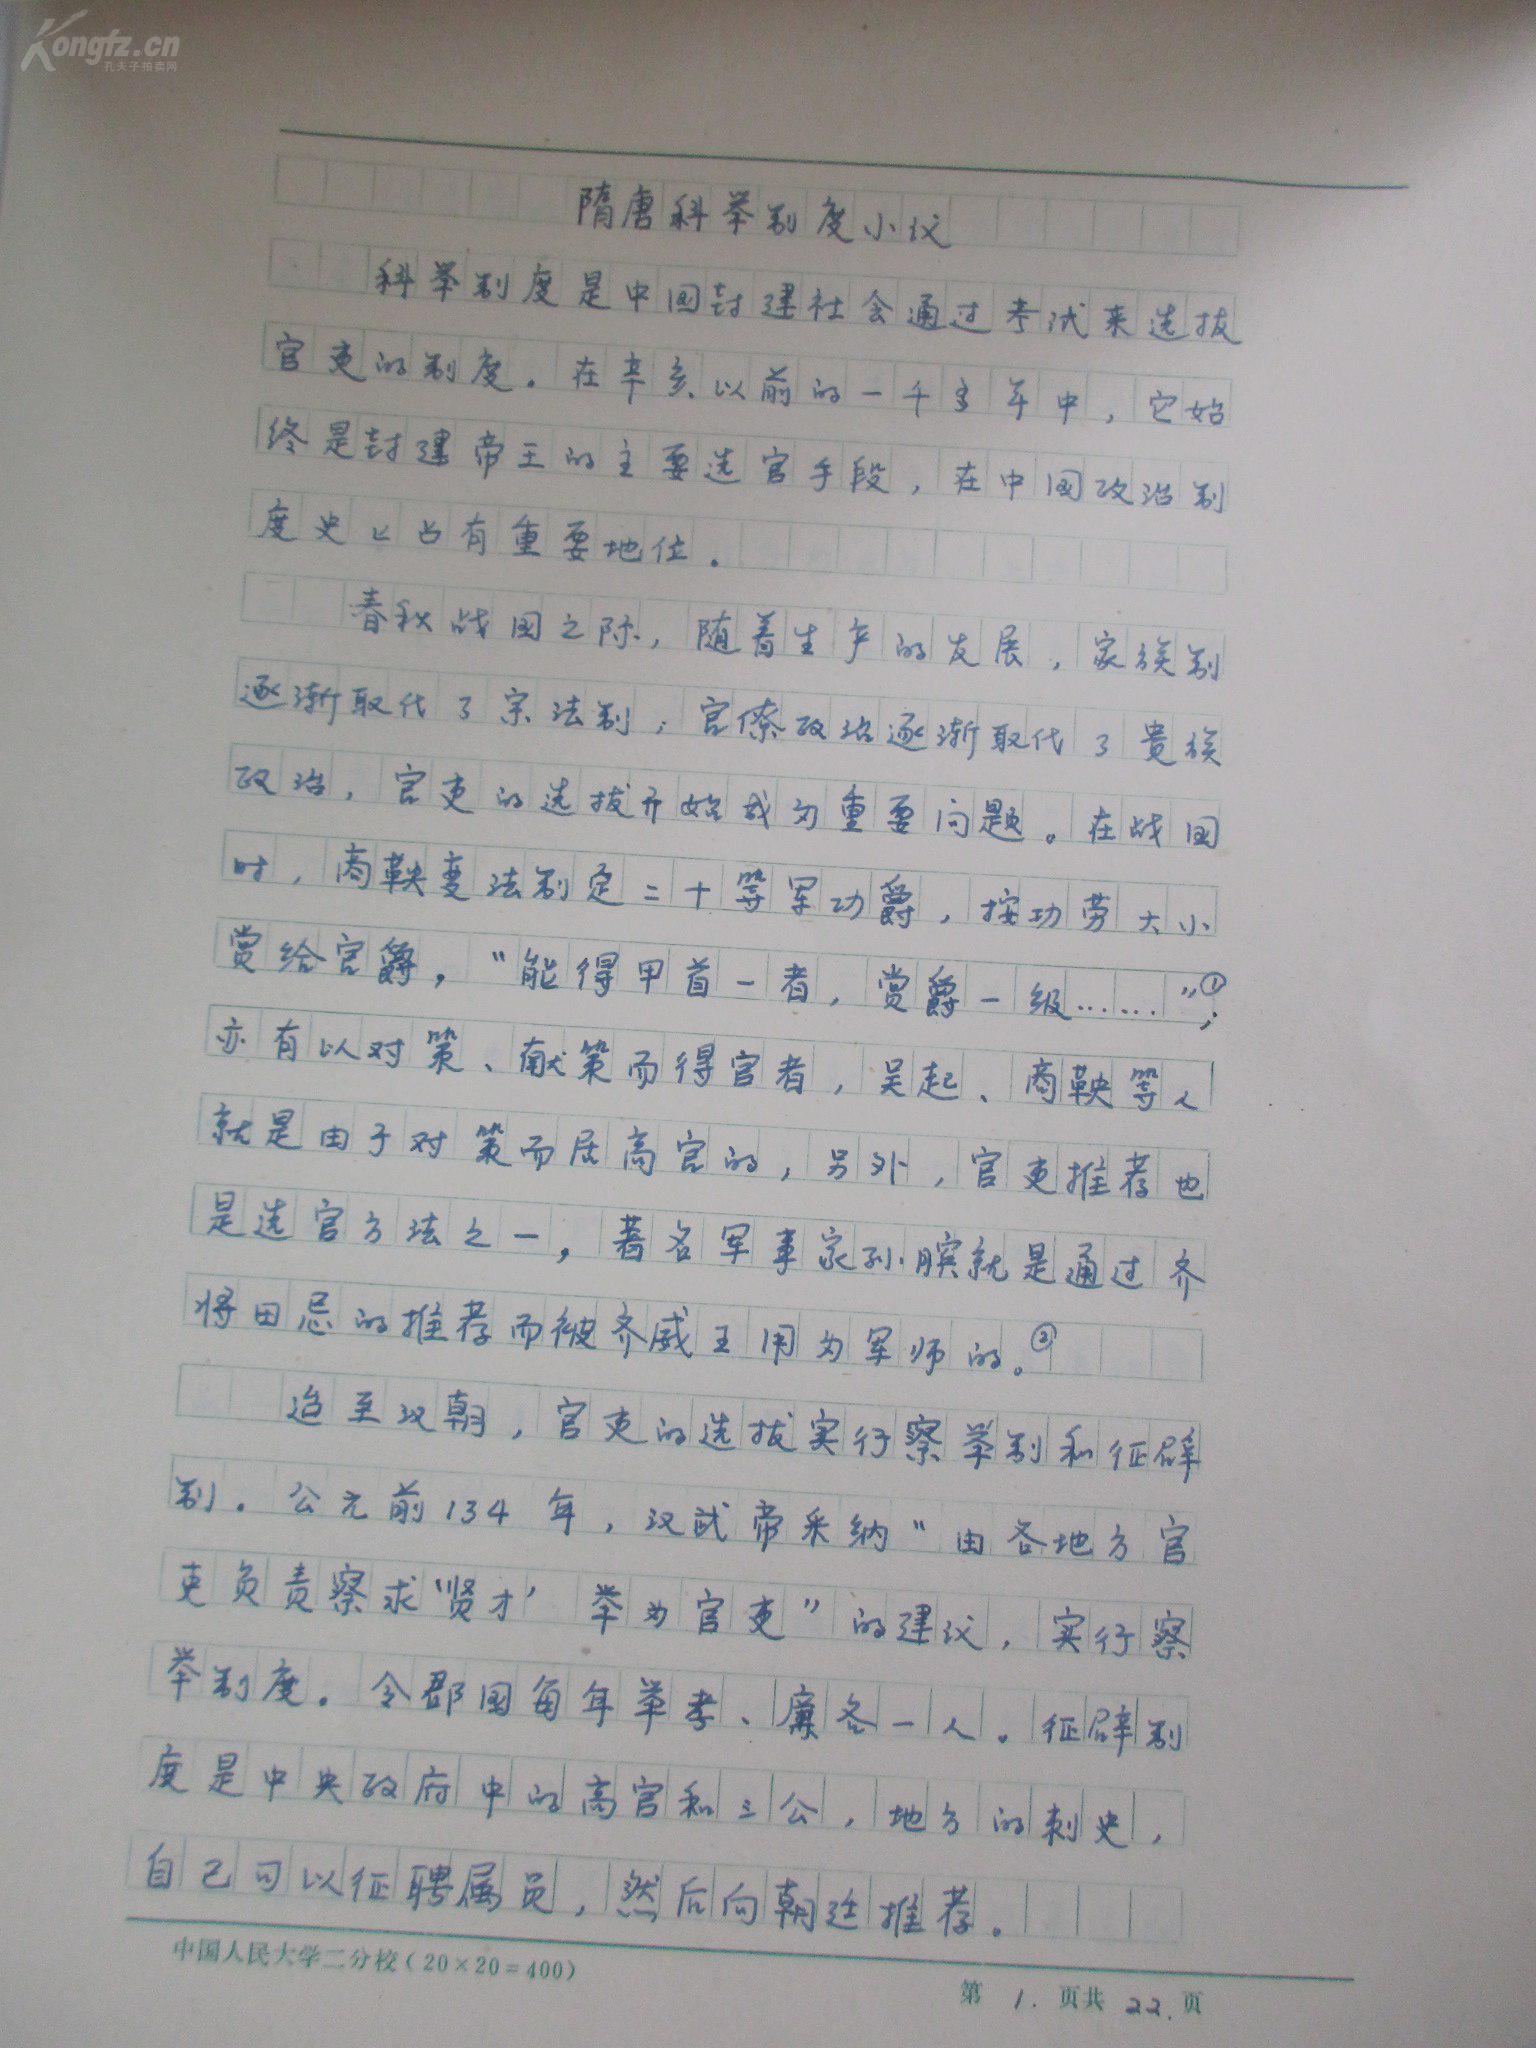 80年代某知名大学毕业论文手稿1册--- 指导教师何磊 手写评语1页 王辅